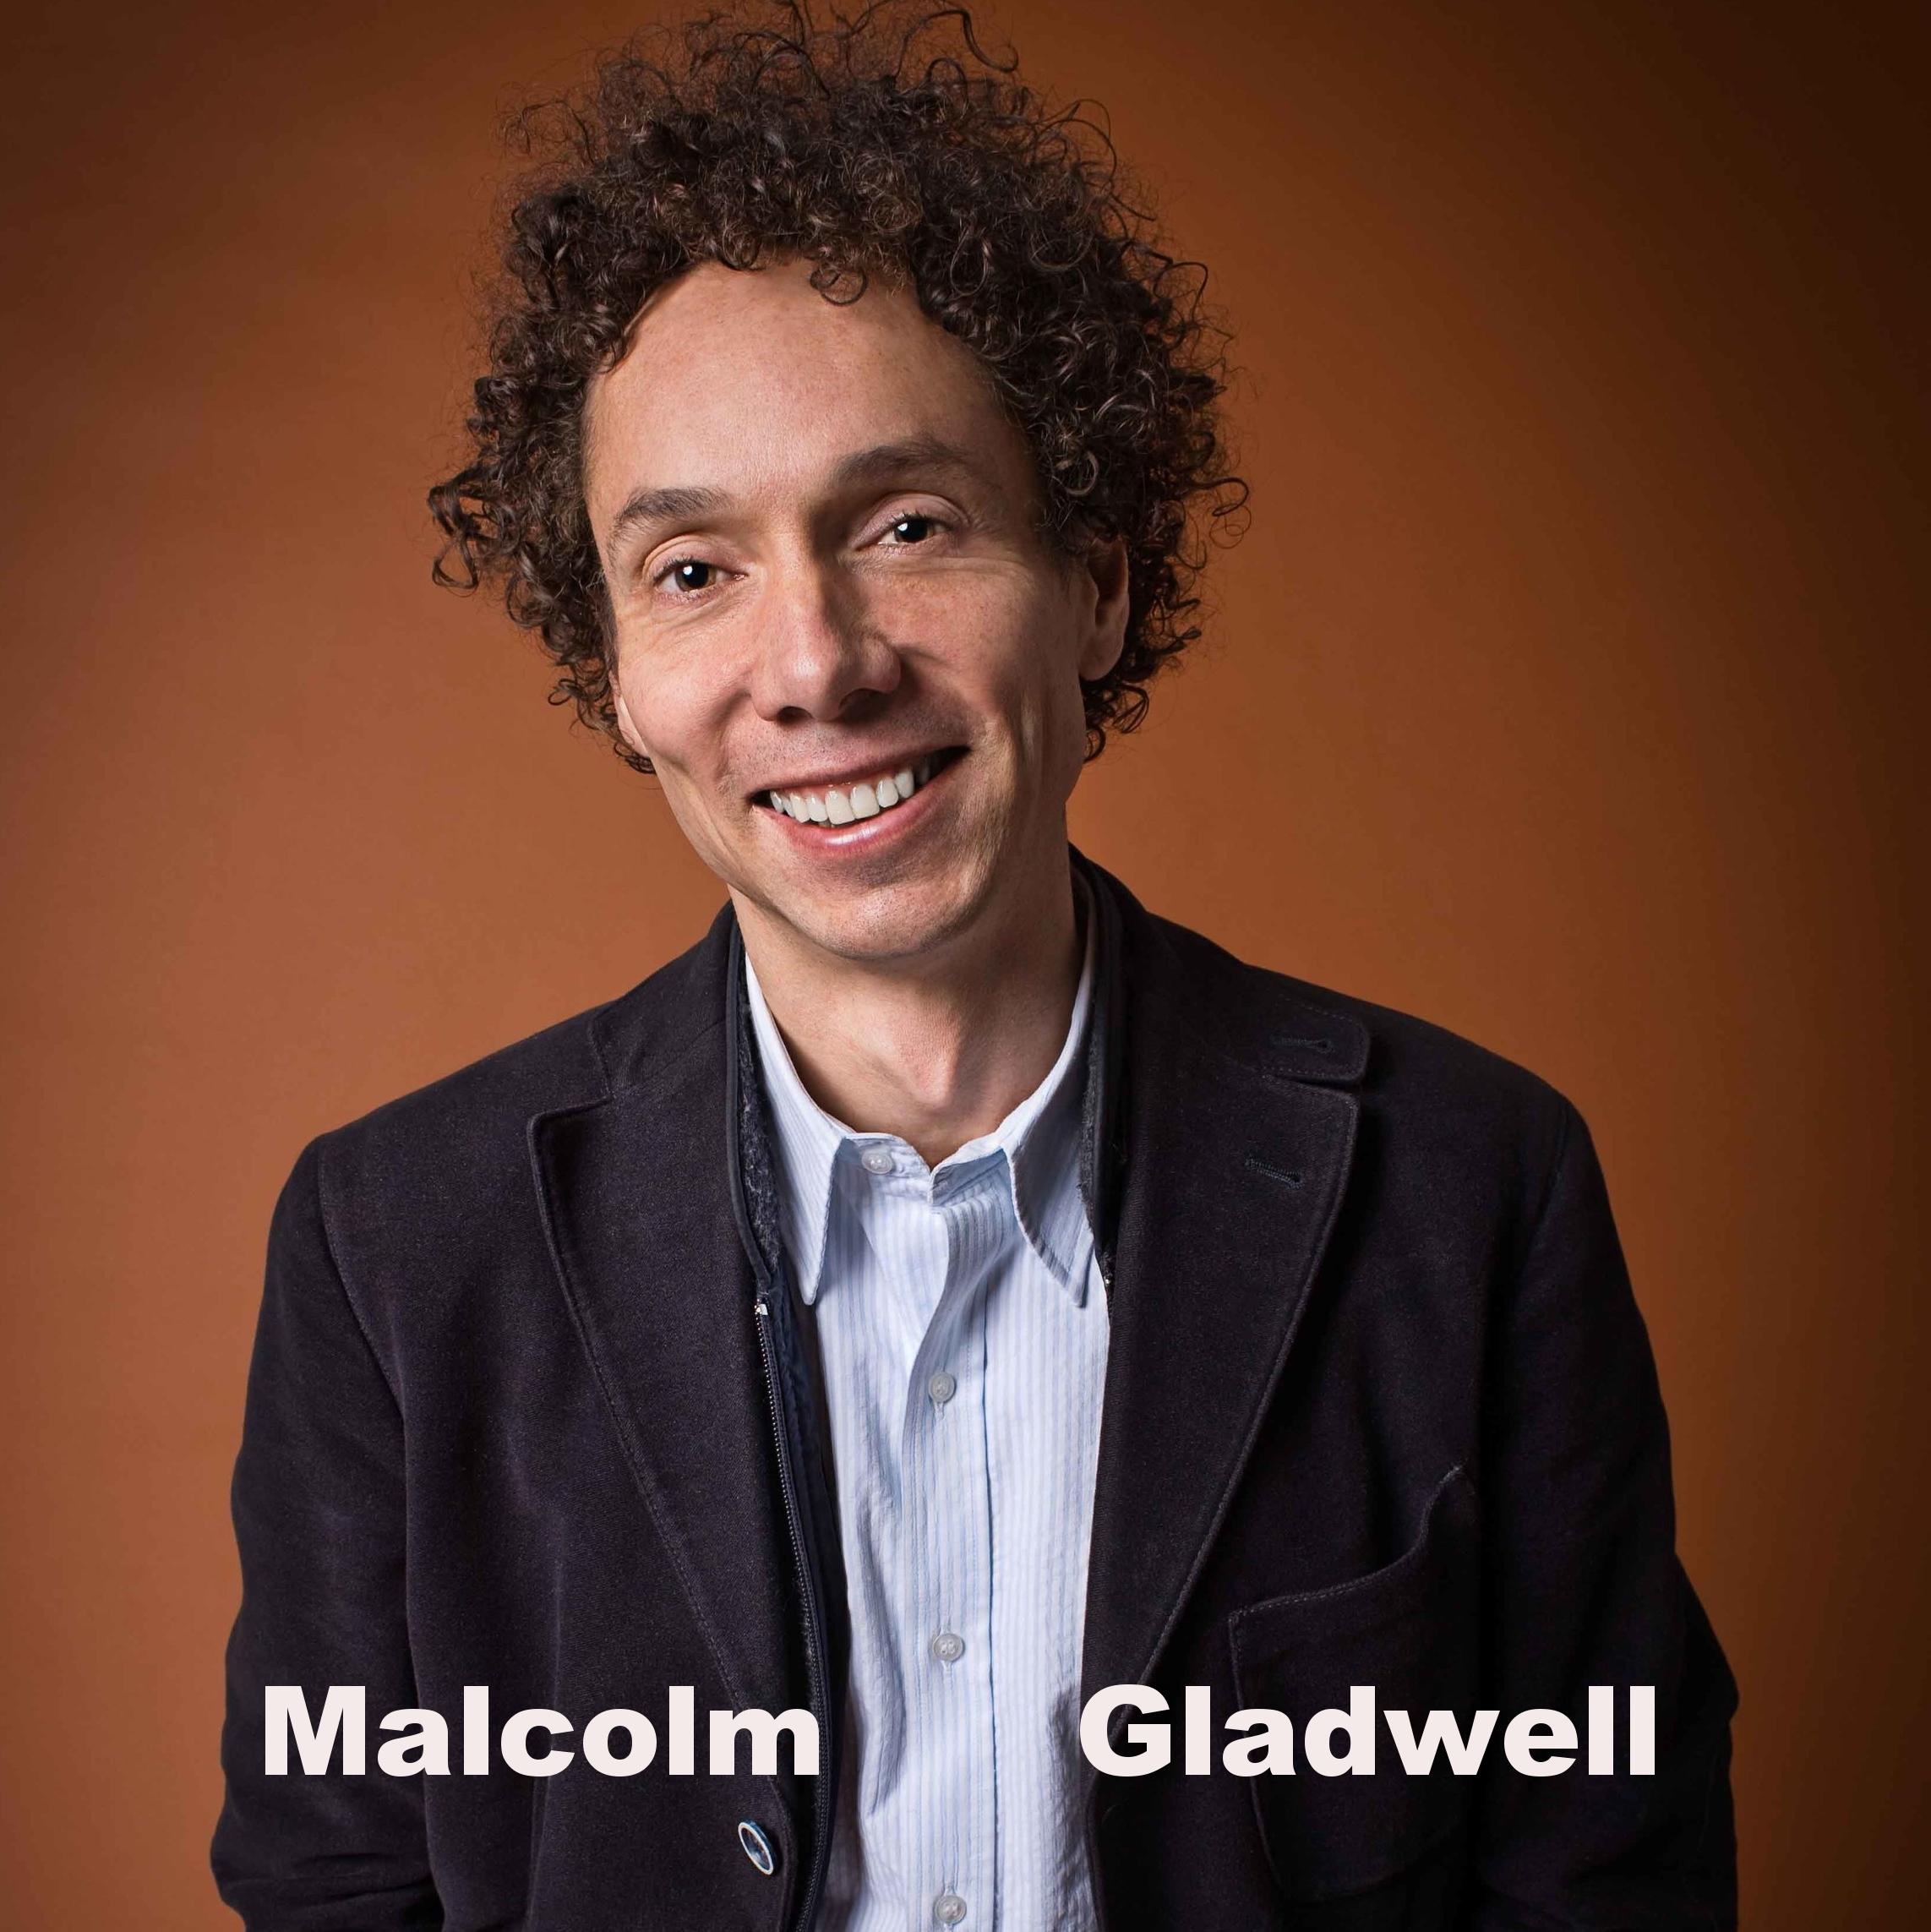 malcolm_gladwell.jpg